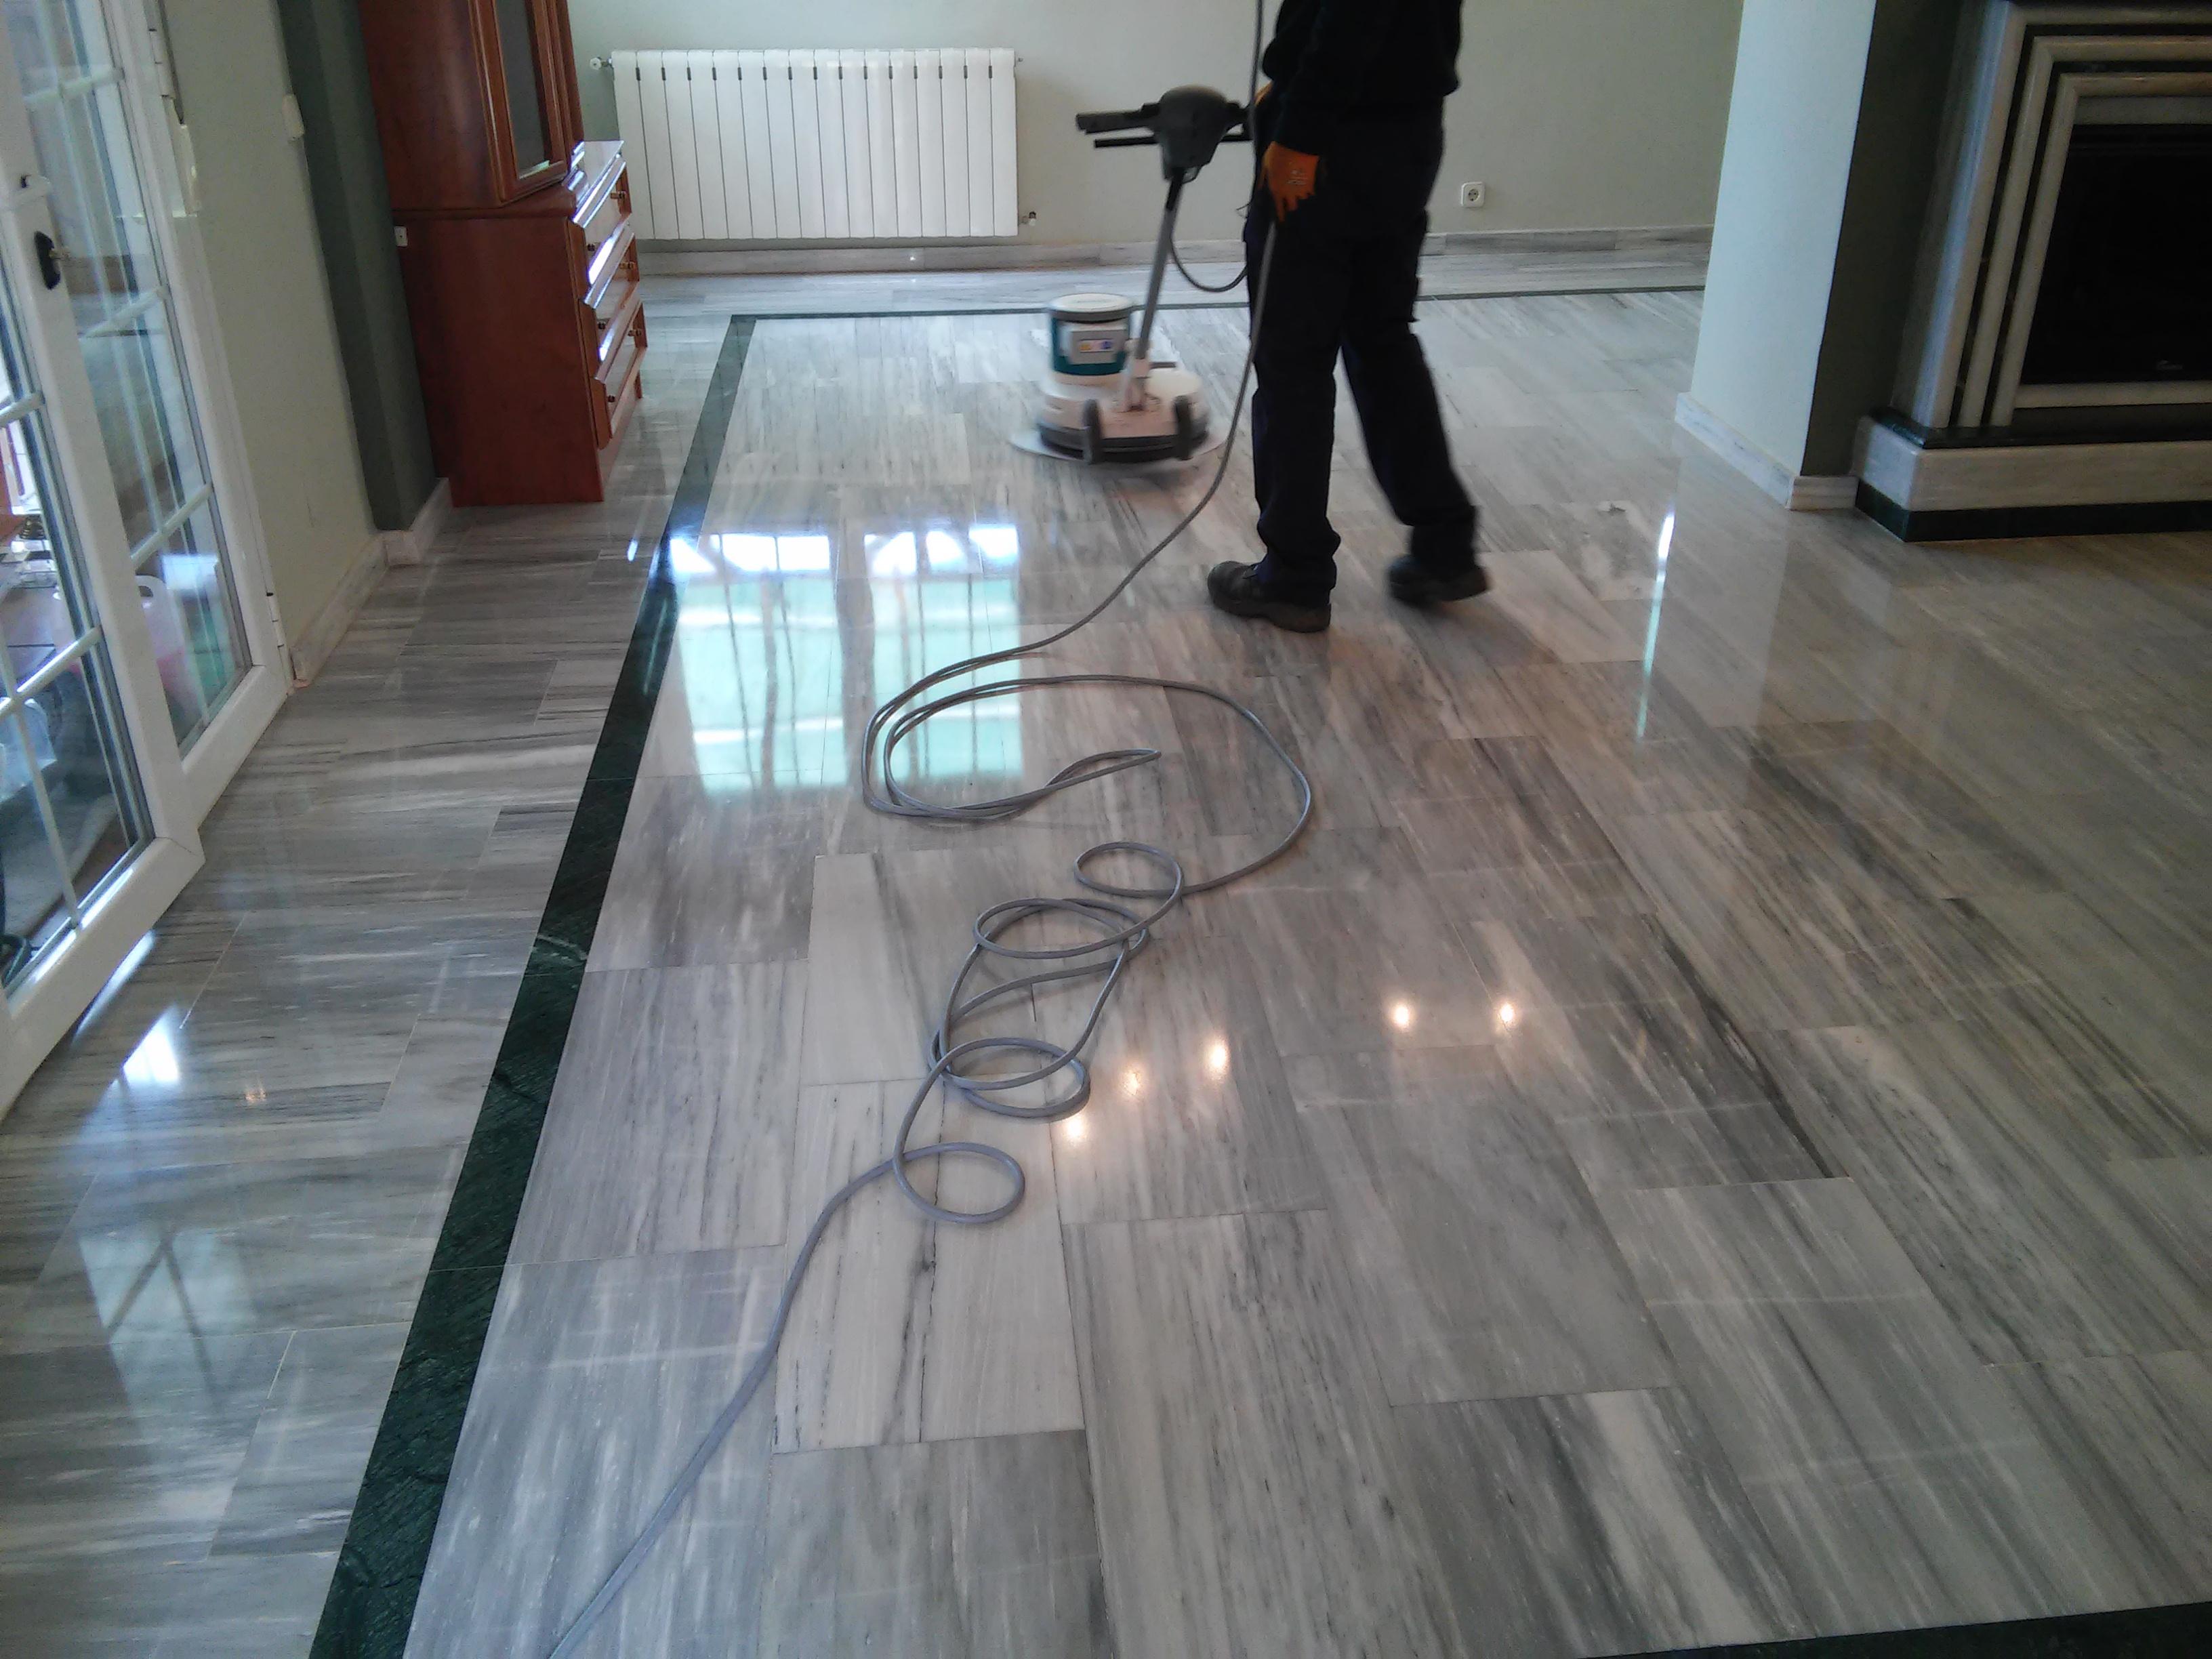 Blog manzano limpiezas s l part 10 for Limpieza de marmol